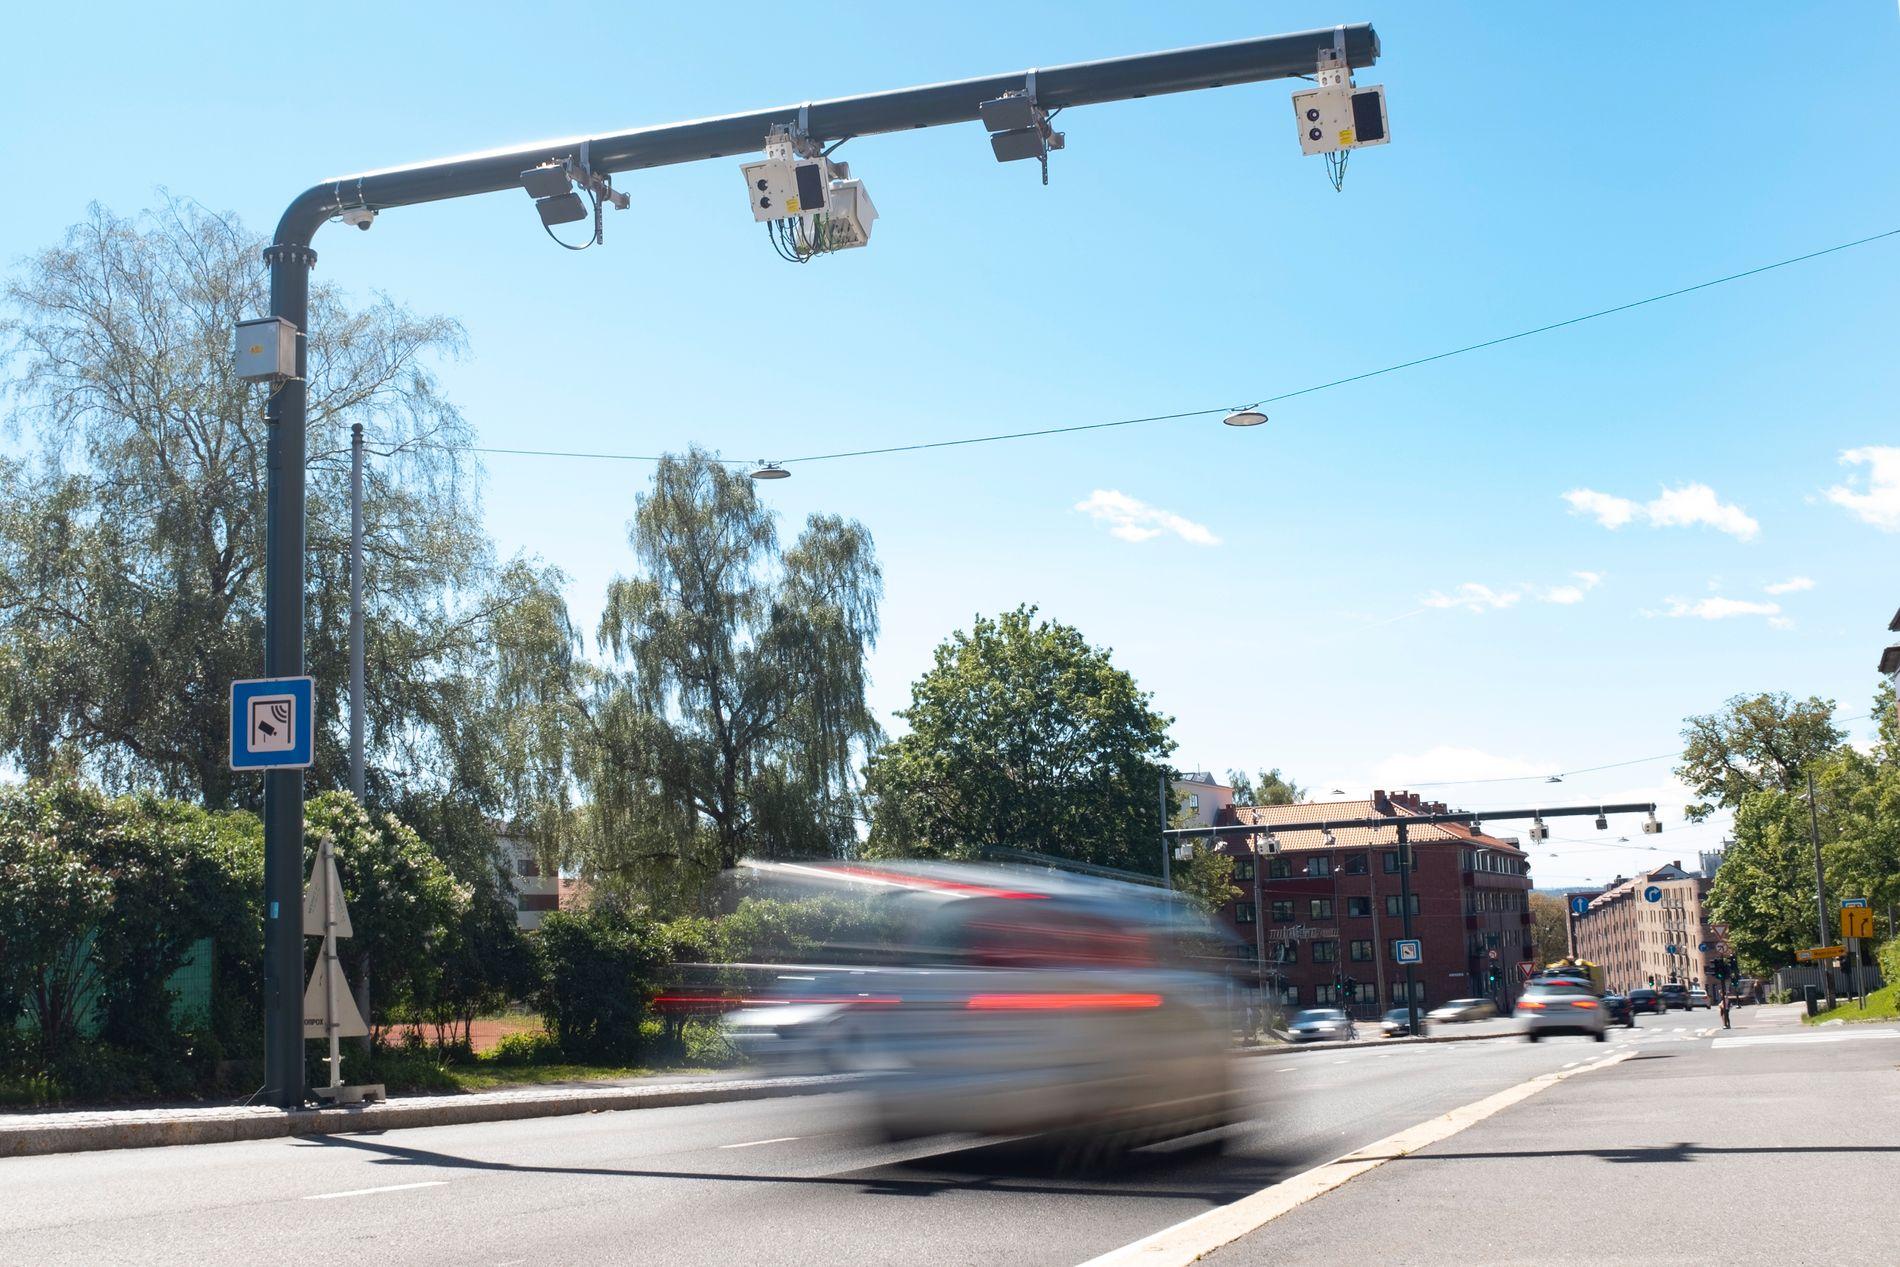 Det kan bli enda flere bomstasjoner eller høyere priser på bomstasjonene for å finansiere ny E6 i Oslo øst.